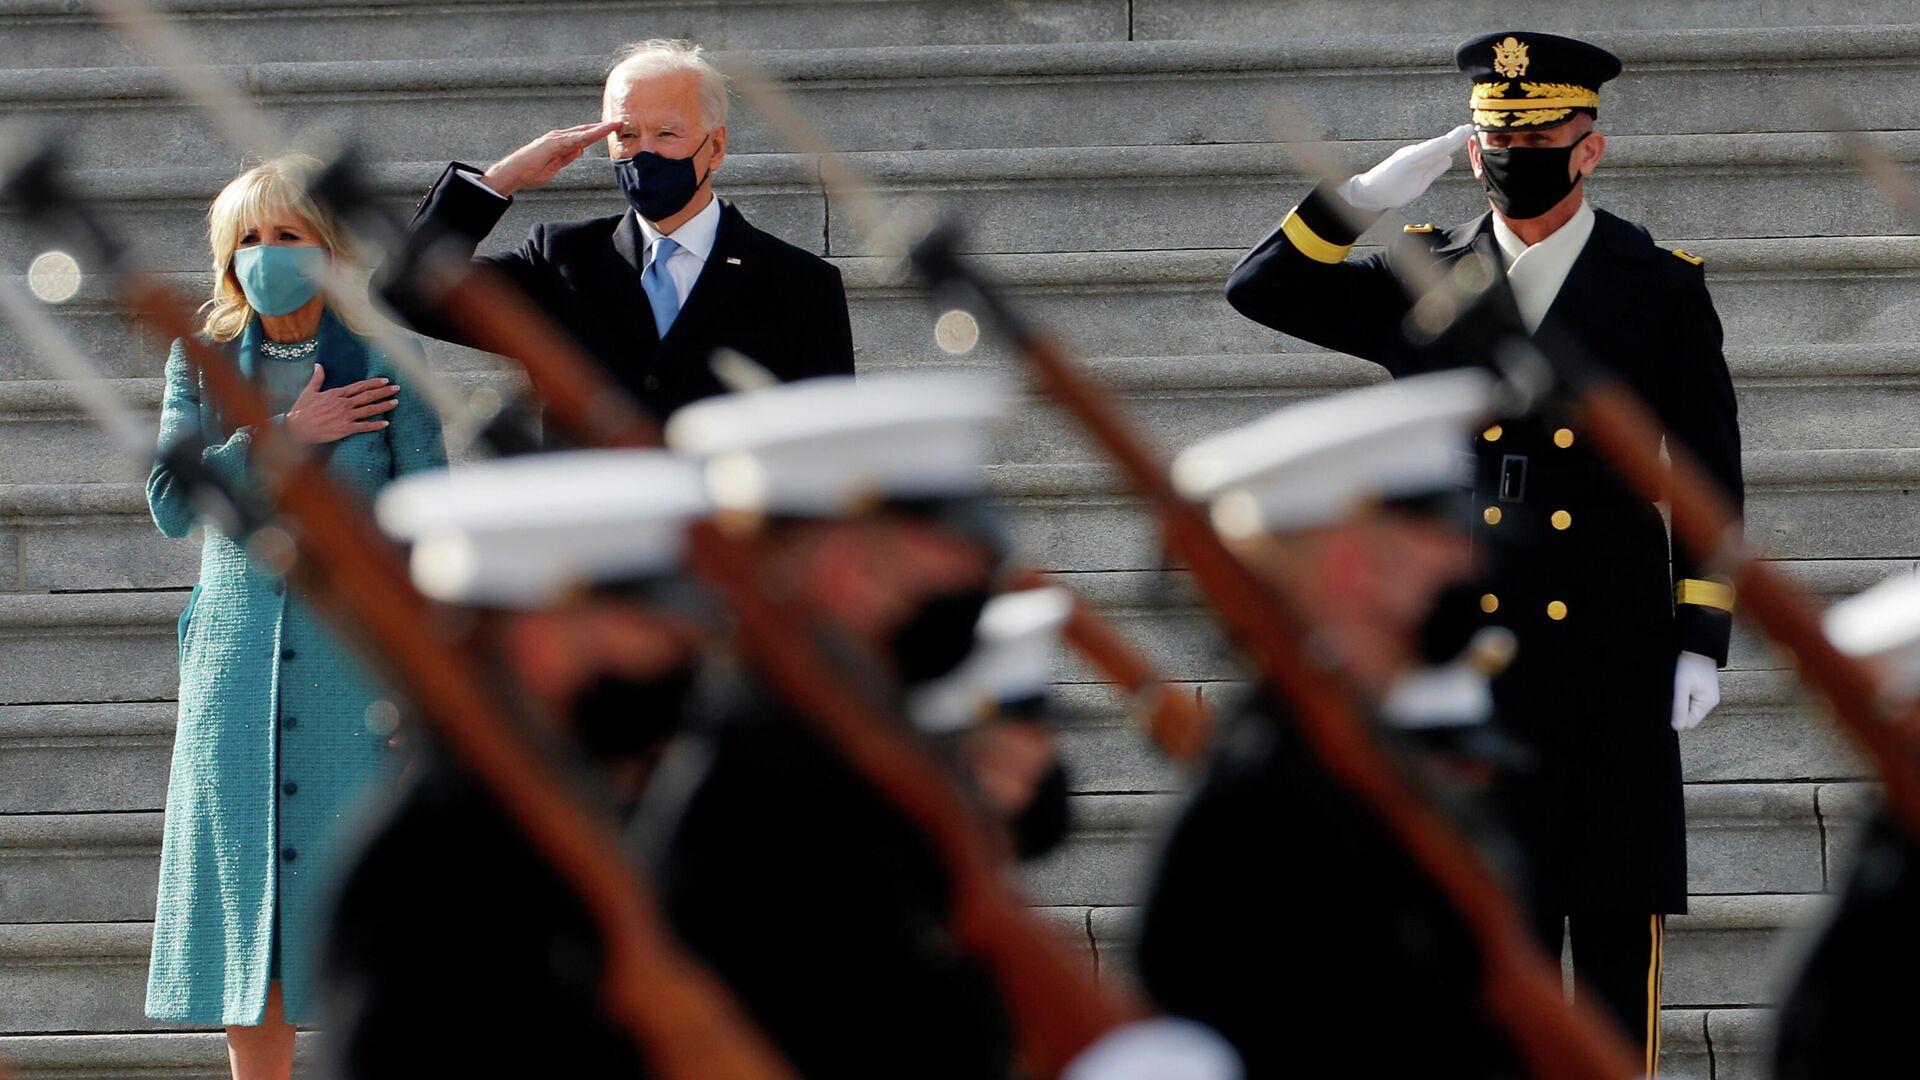 Президент США Джо Байден и первая леди Джилл Байден перед парадом в День инаугурации в Вашингтоне, США - РИА Новости, 1920, 21.01.2021